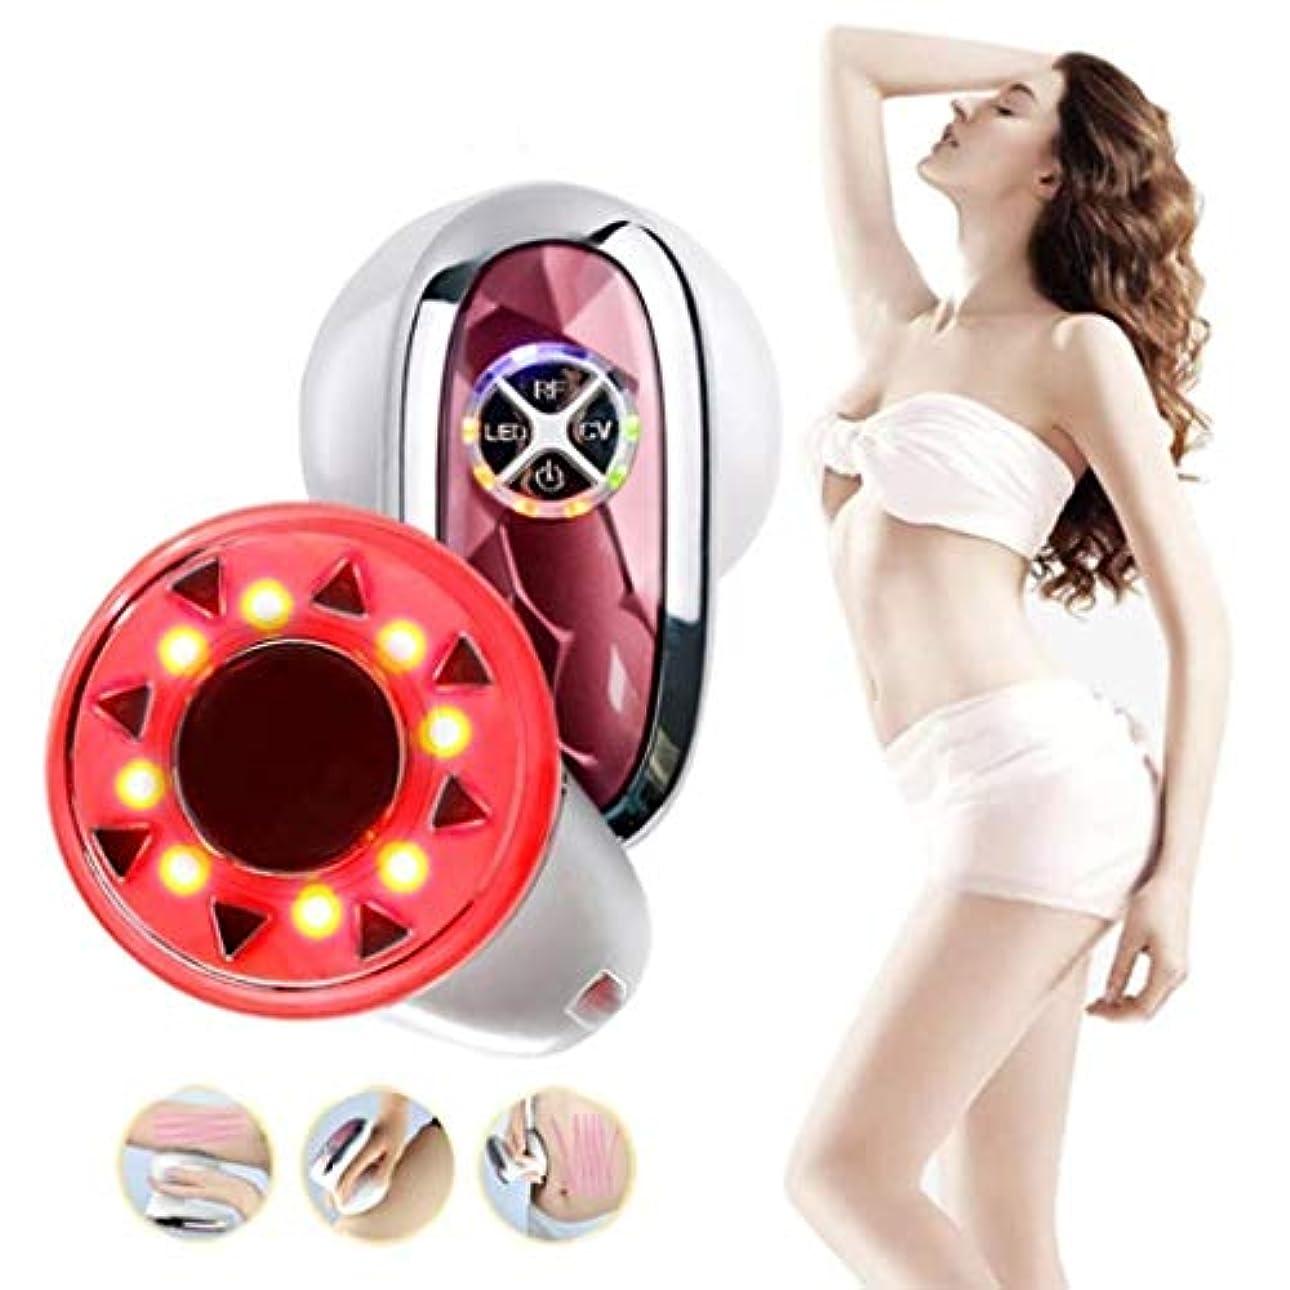 ツール視線アライアンス電気減量機、4-1 - ラジオ周波数マッサージ器、体の腹部、腰、脚、お尻、ボディマッサージ器、スキンケア機器